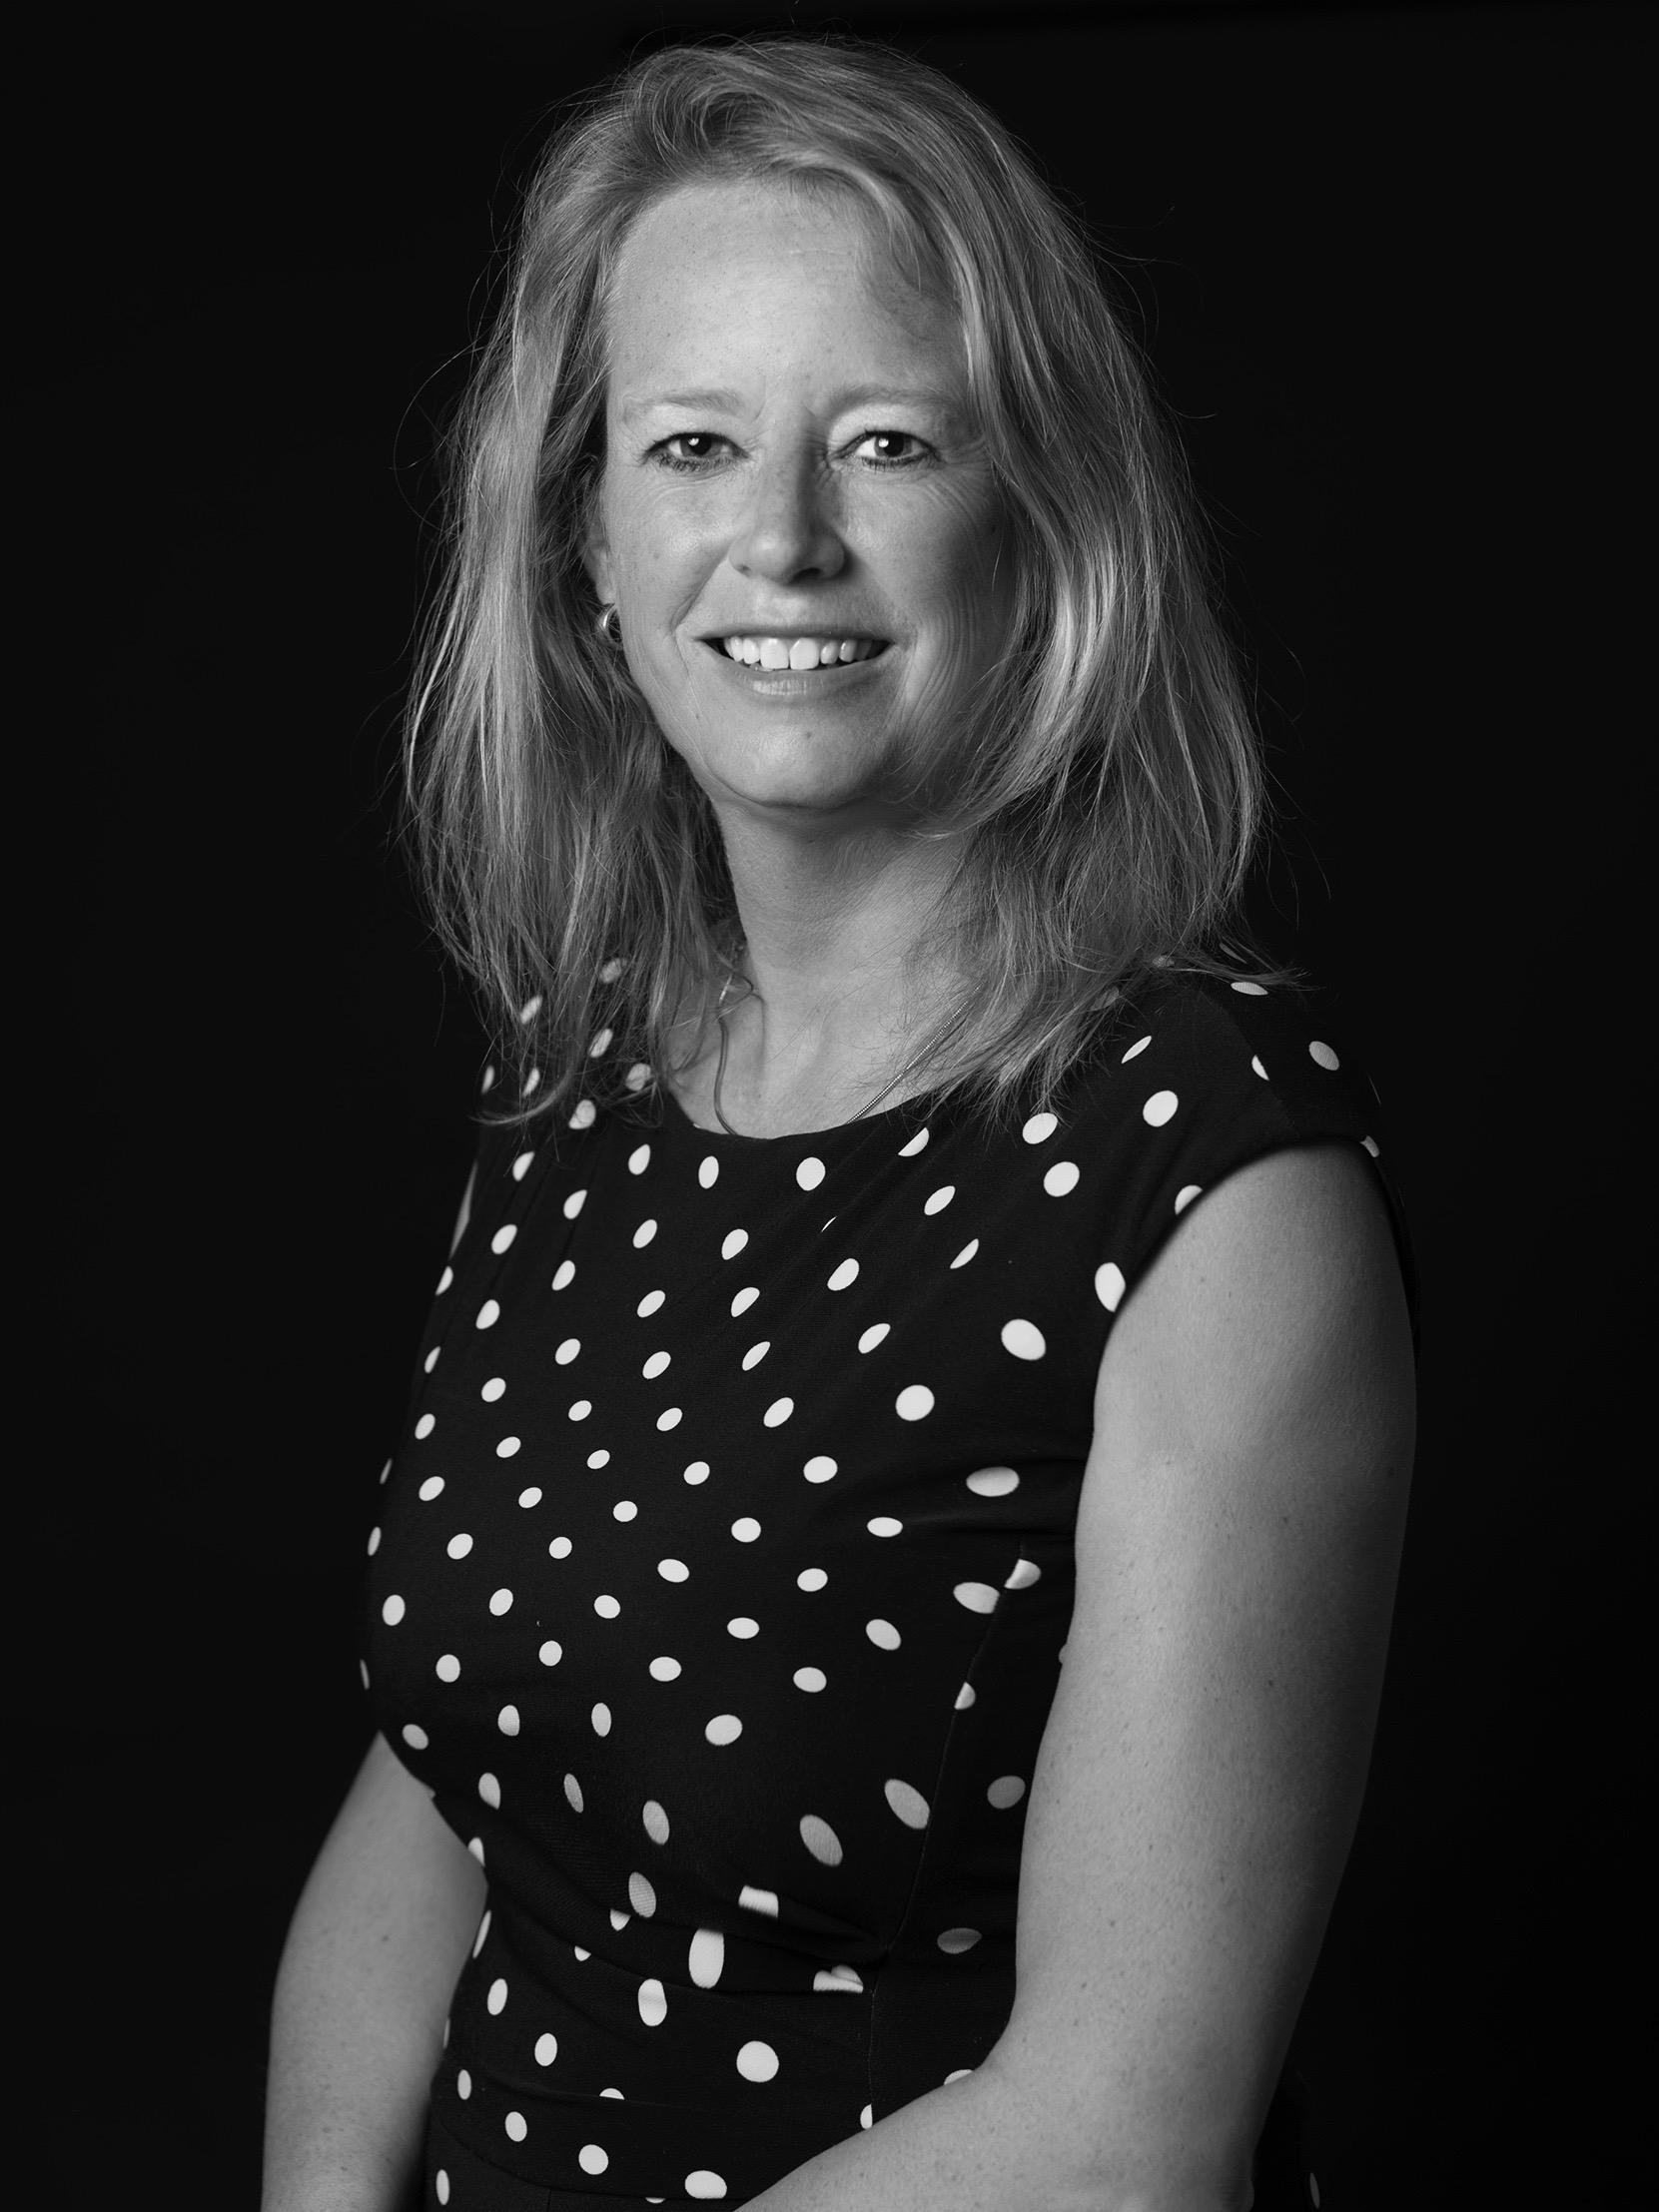 Nelleke Boelhouwer